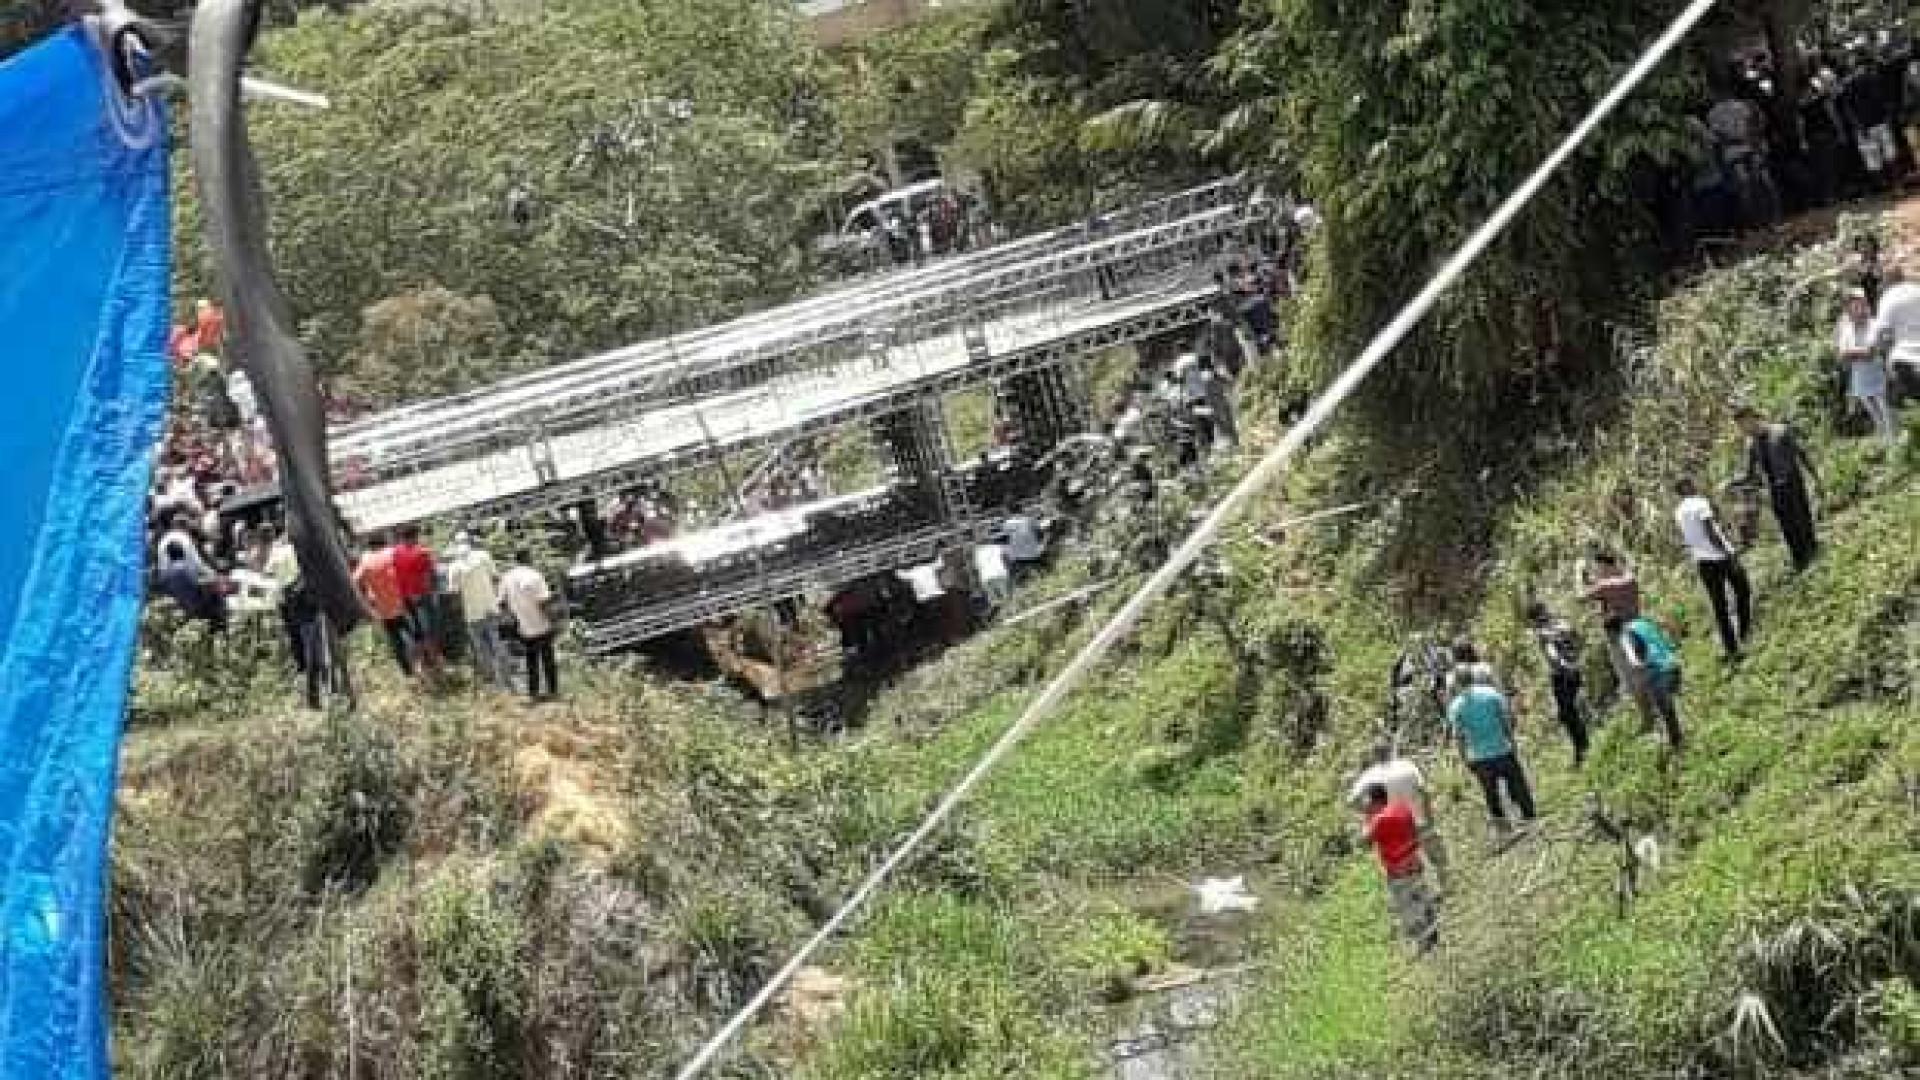 Ponte cai durante evento da Igreja Mundial e deixa cerca de 40 feridos